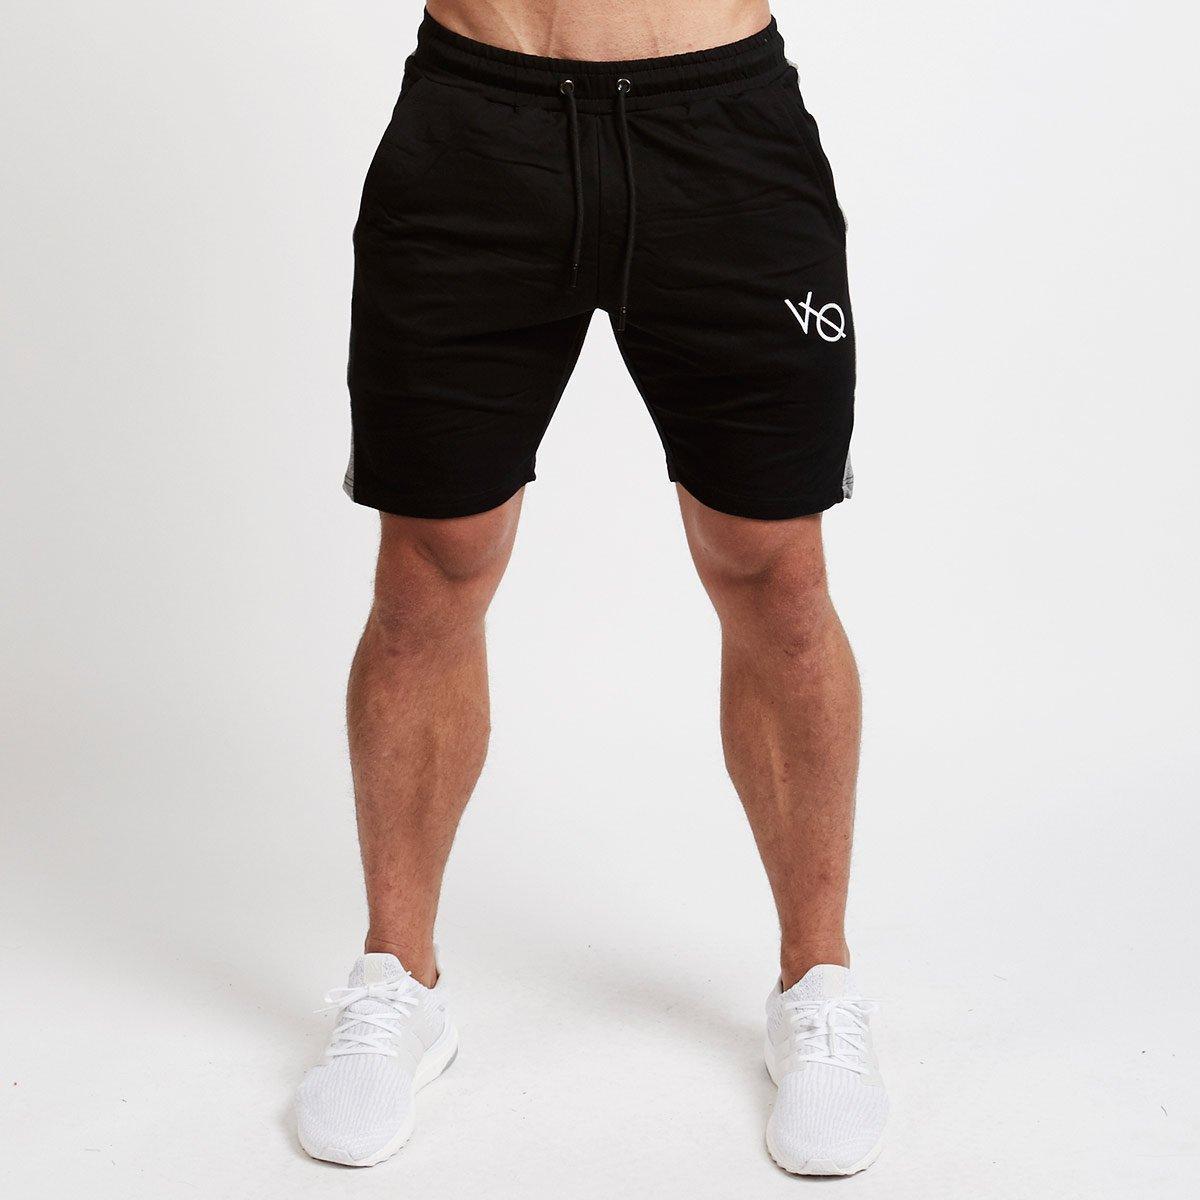 Chao Marke Fitness Shorts Schnelltrocknung Fitness Laufende Basketballhose elastisch und atmungsaktiv